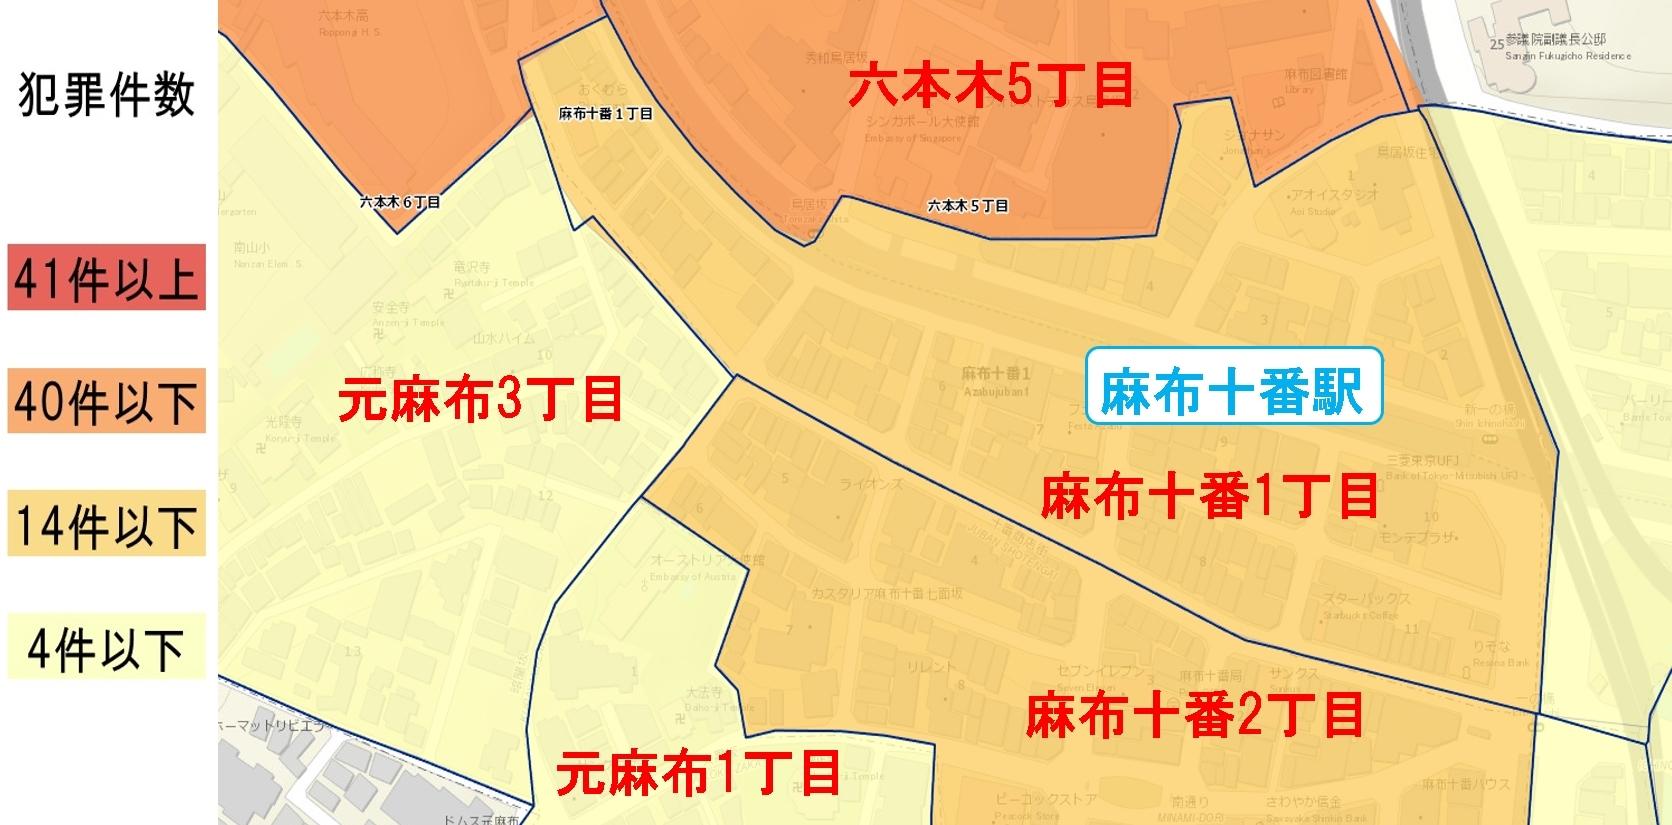 麻布十番駅周辺の粗暴犯の犯罪件数マップ